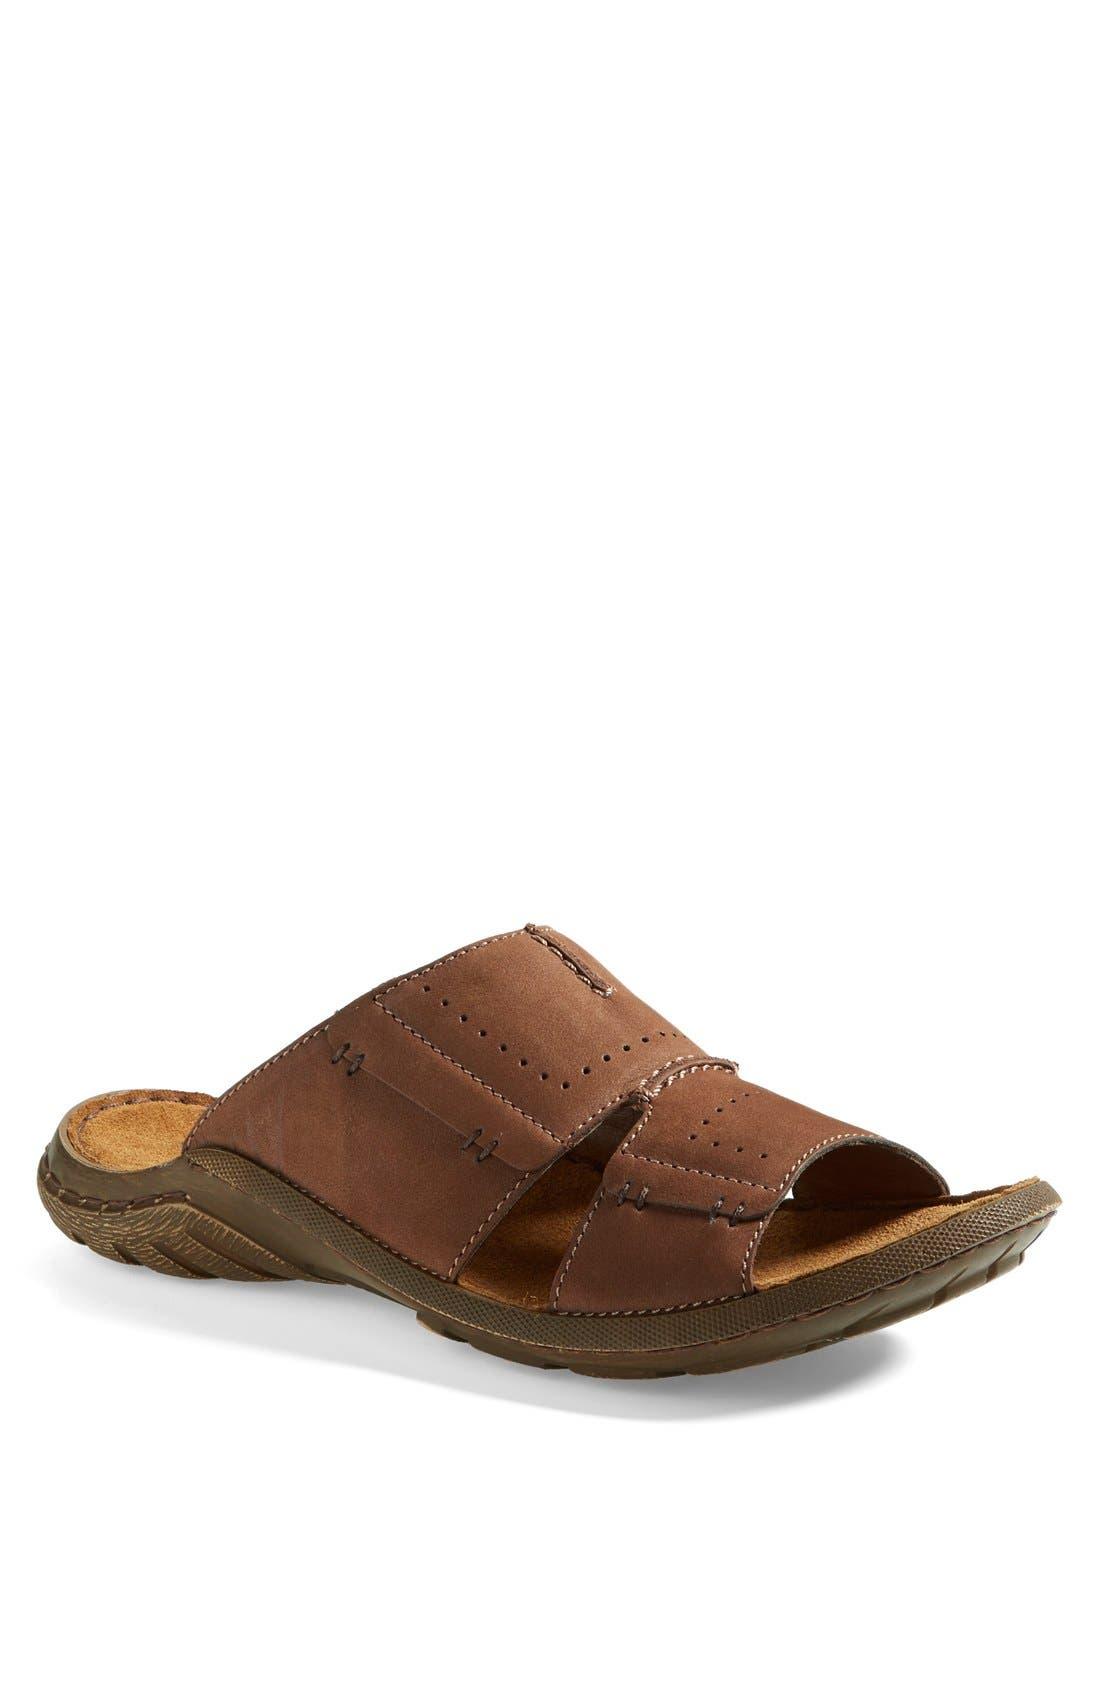 'Logan 21' Slide Sandal,                         Main,                         color, Nut